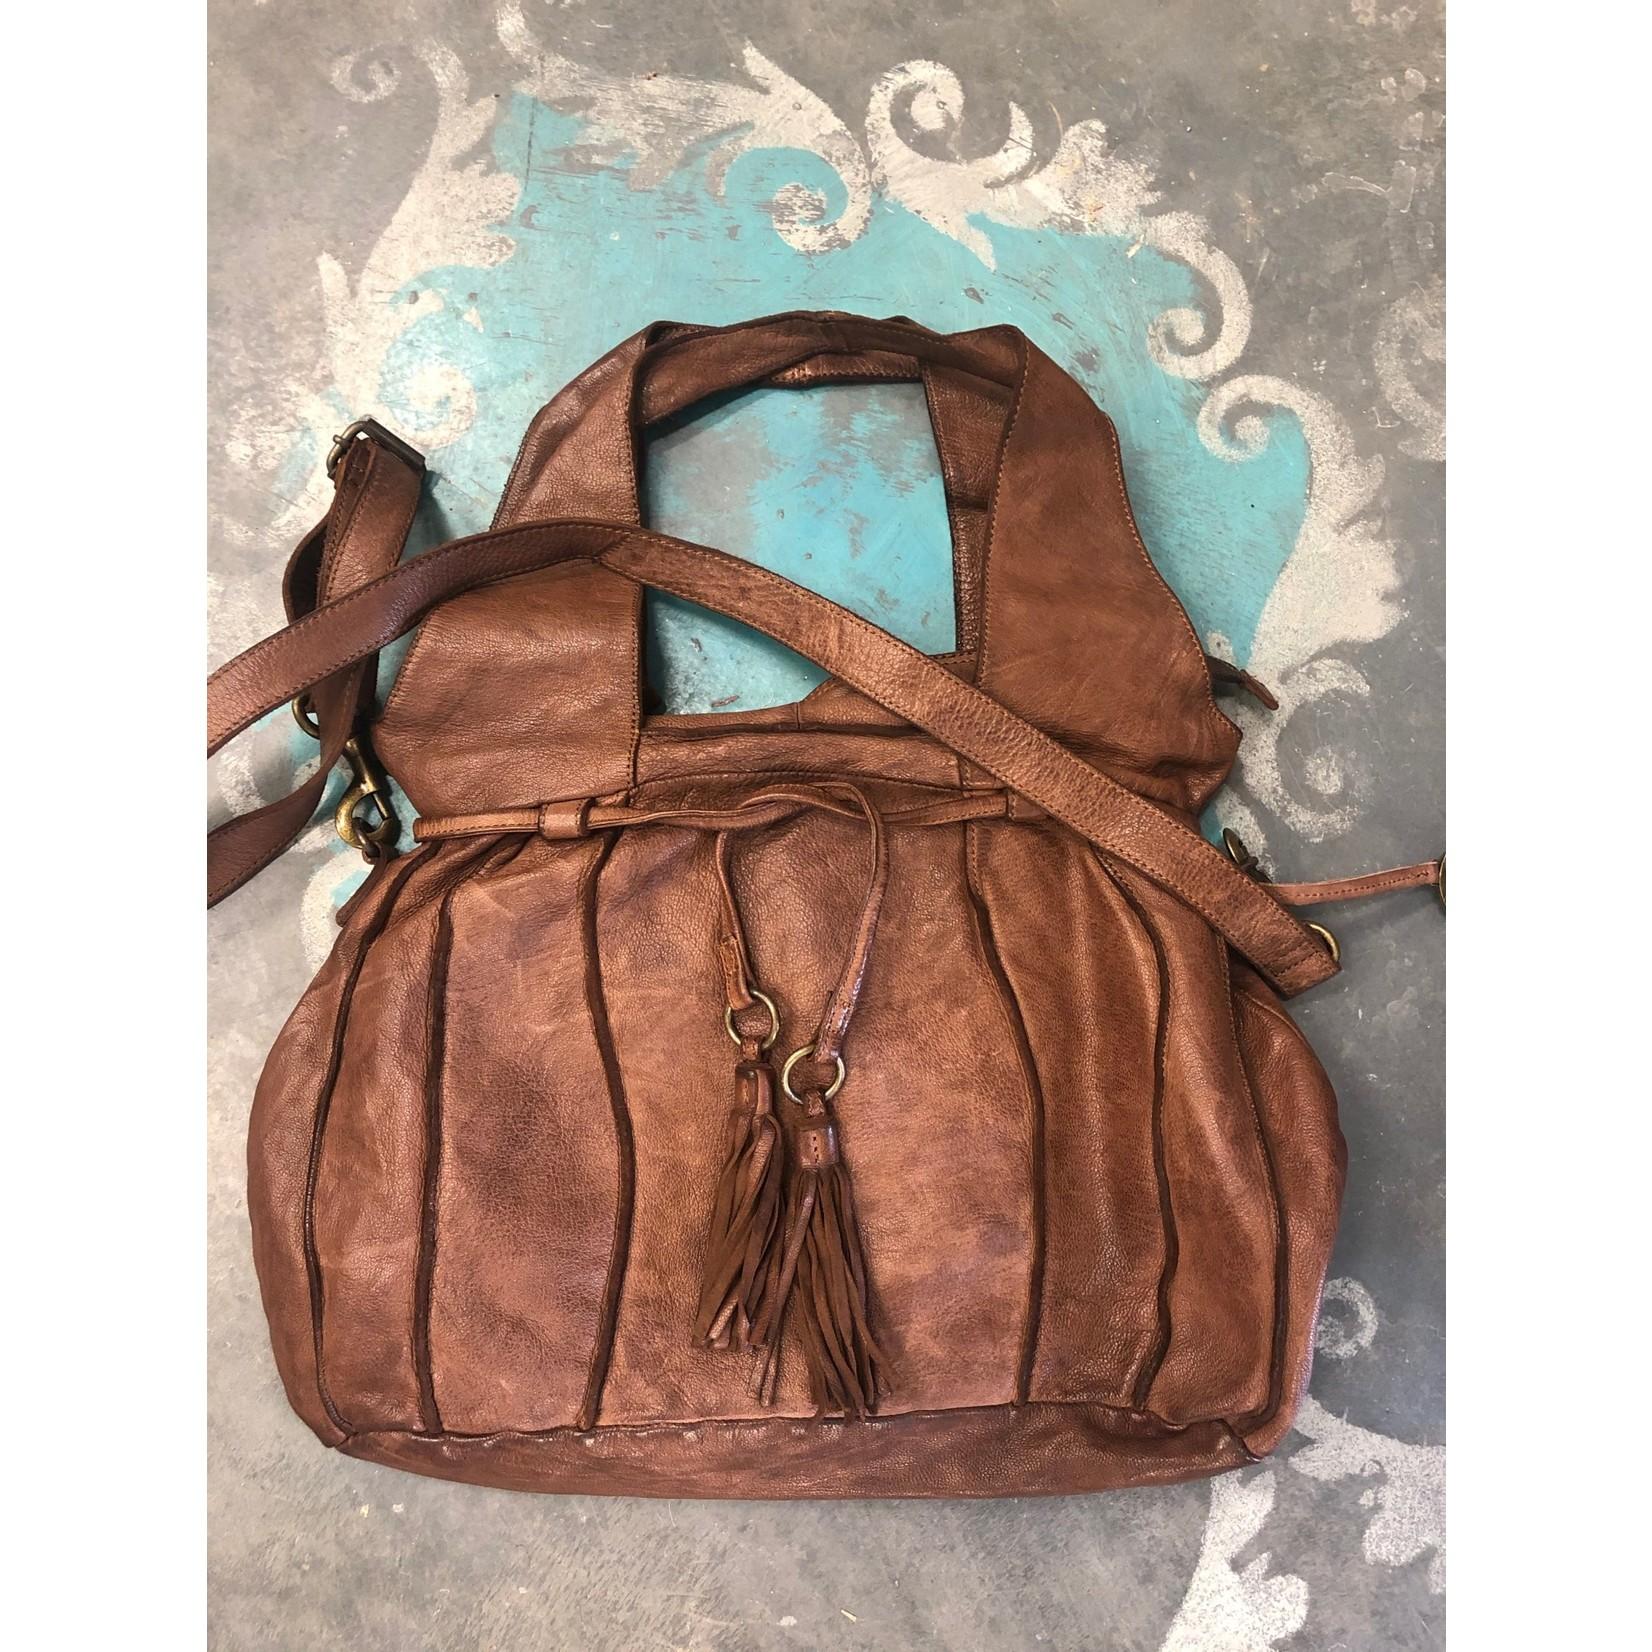 KOMPANERO KOMPANERO Leather Handbag - Venus in Cognac